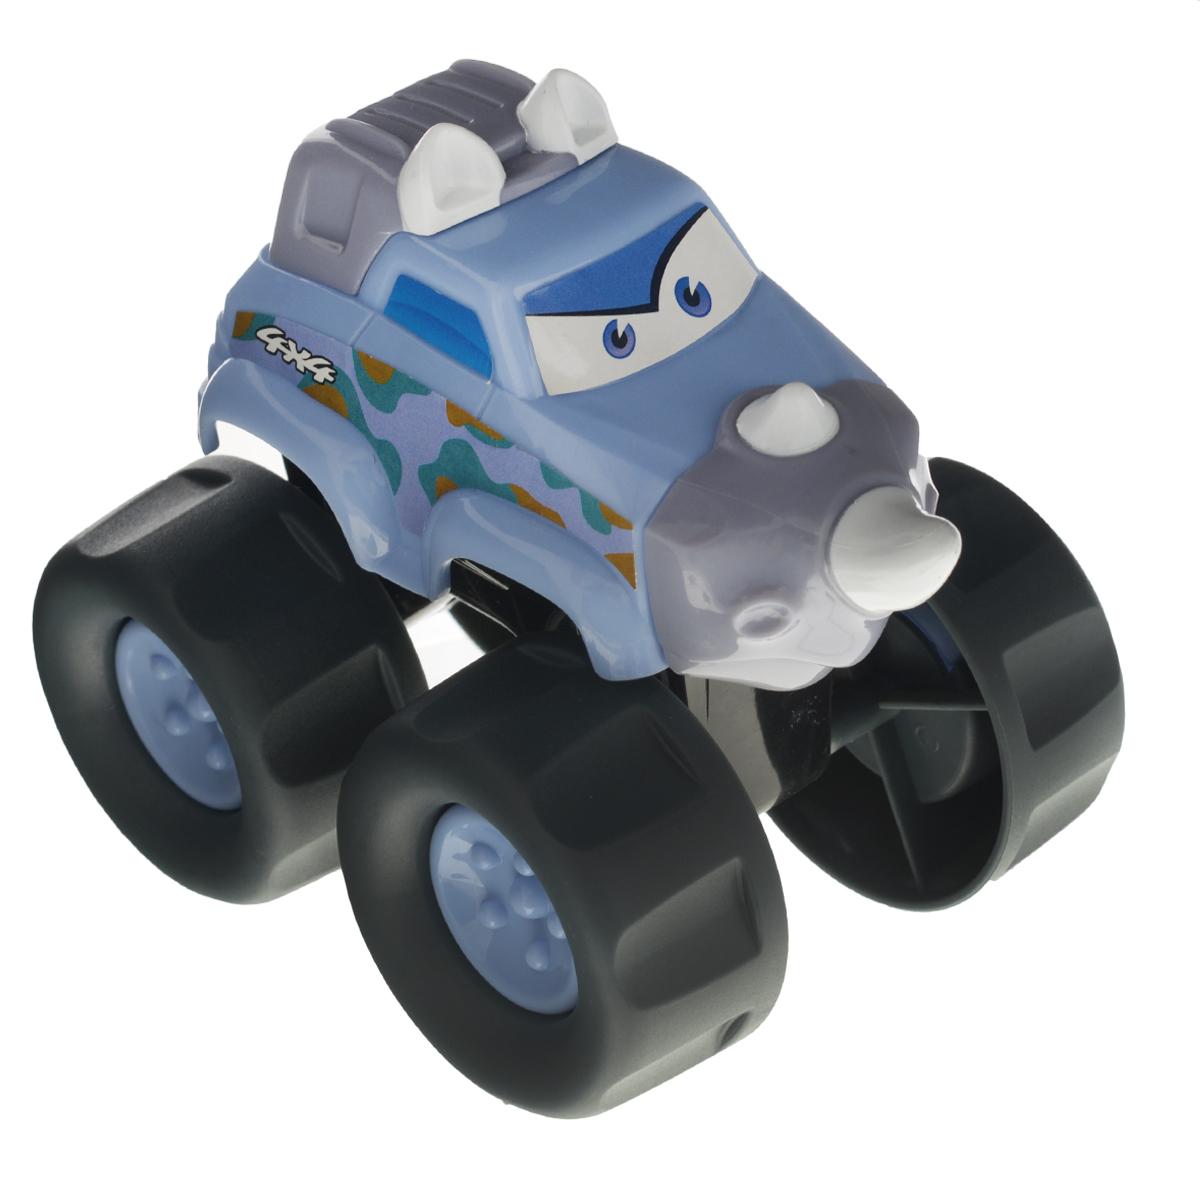 Playgo Развивающая игрушка Машинка-носорогPlay 20285/2Развивающая игрушка Playgo Машинка-носорог понравится вашему малышу. Машинка выполнена из безопасного пластика; корпус стилизован под носорога. Большие колеса с крупным протектором обеспечивают хорошую проходимость. Такая игрушка способствует развитию у малыша тактильных ощущений, мелкой моторики рук и координации движений.